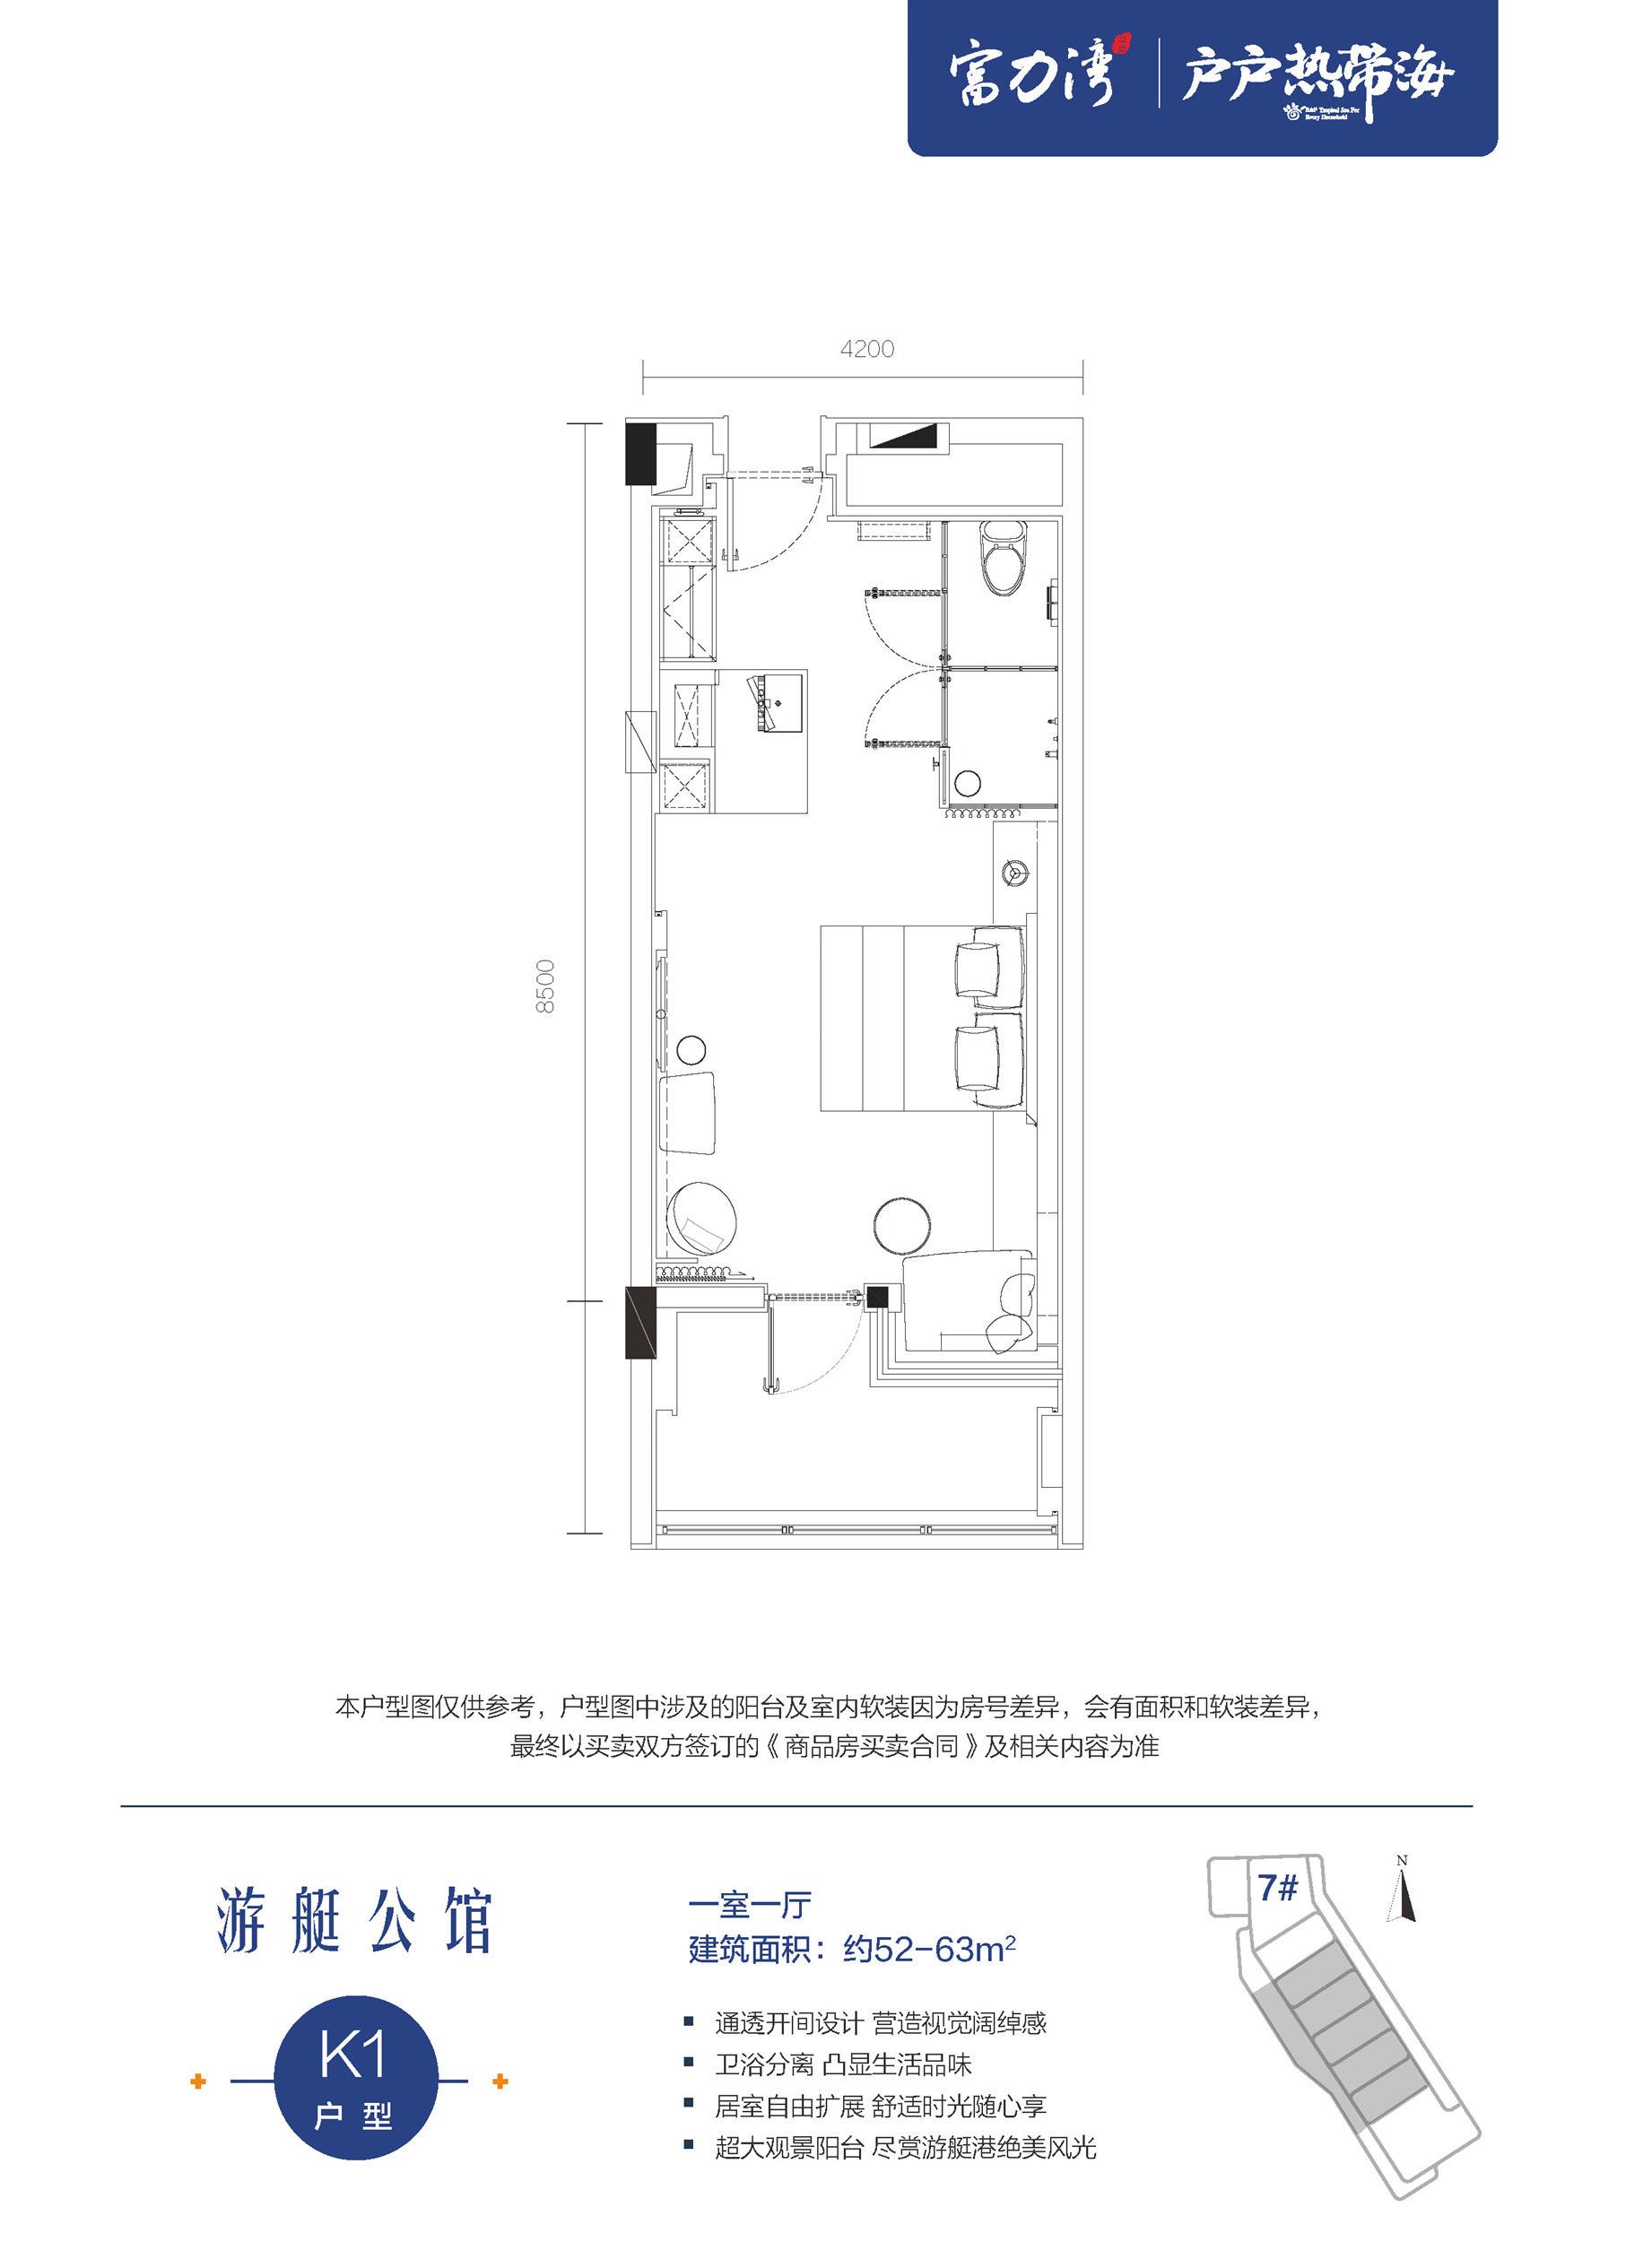 游艇公馆7#K1户型 1房1厅1卫 建筑面积52-63㎡